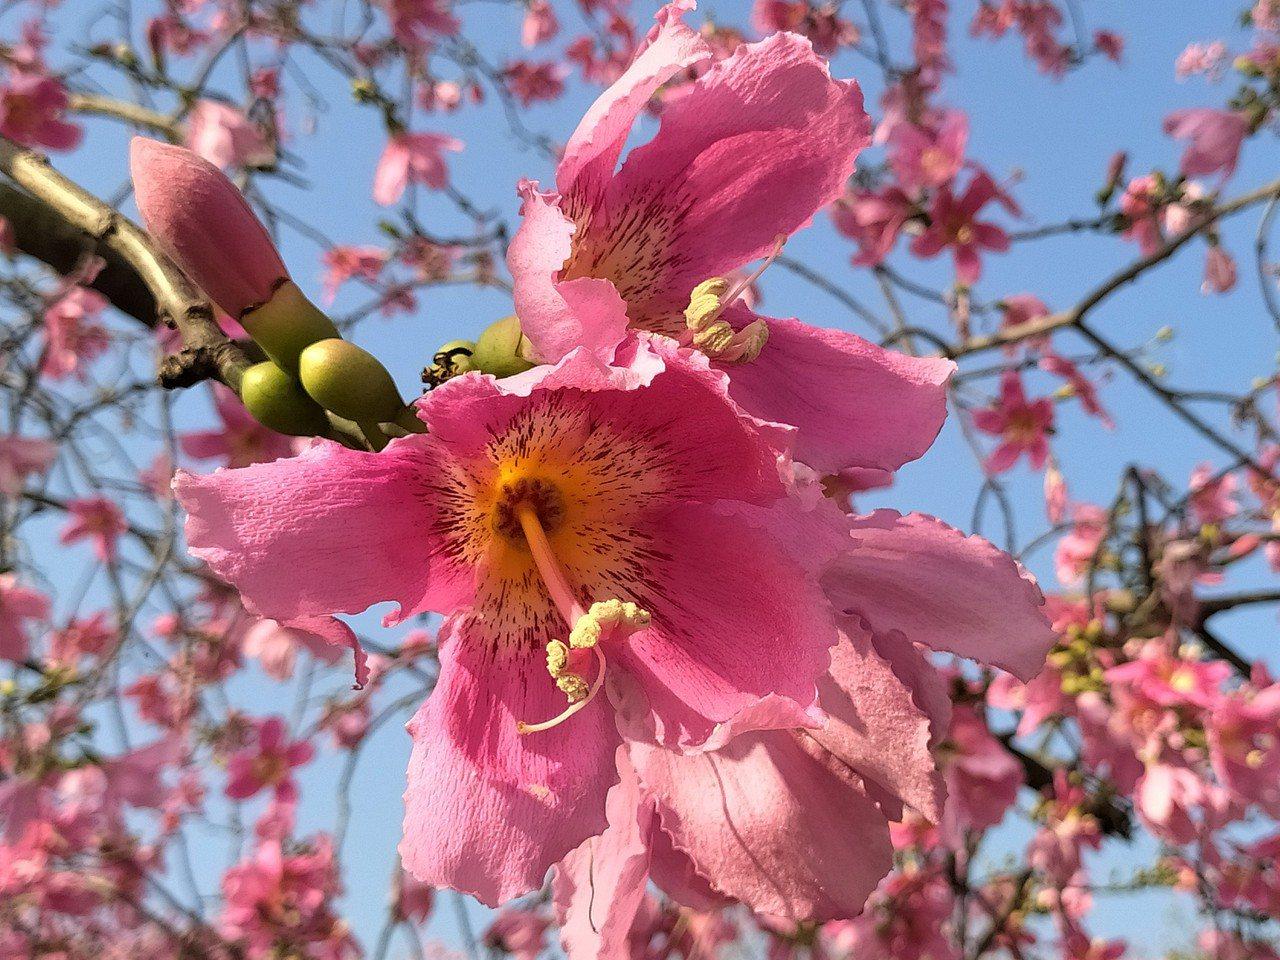 美人樹與木棉花同科,樹幹挺直也都生有自衛的瘤刺;但是美人樹基部略為肥大,又稱為「...